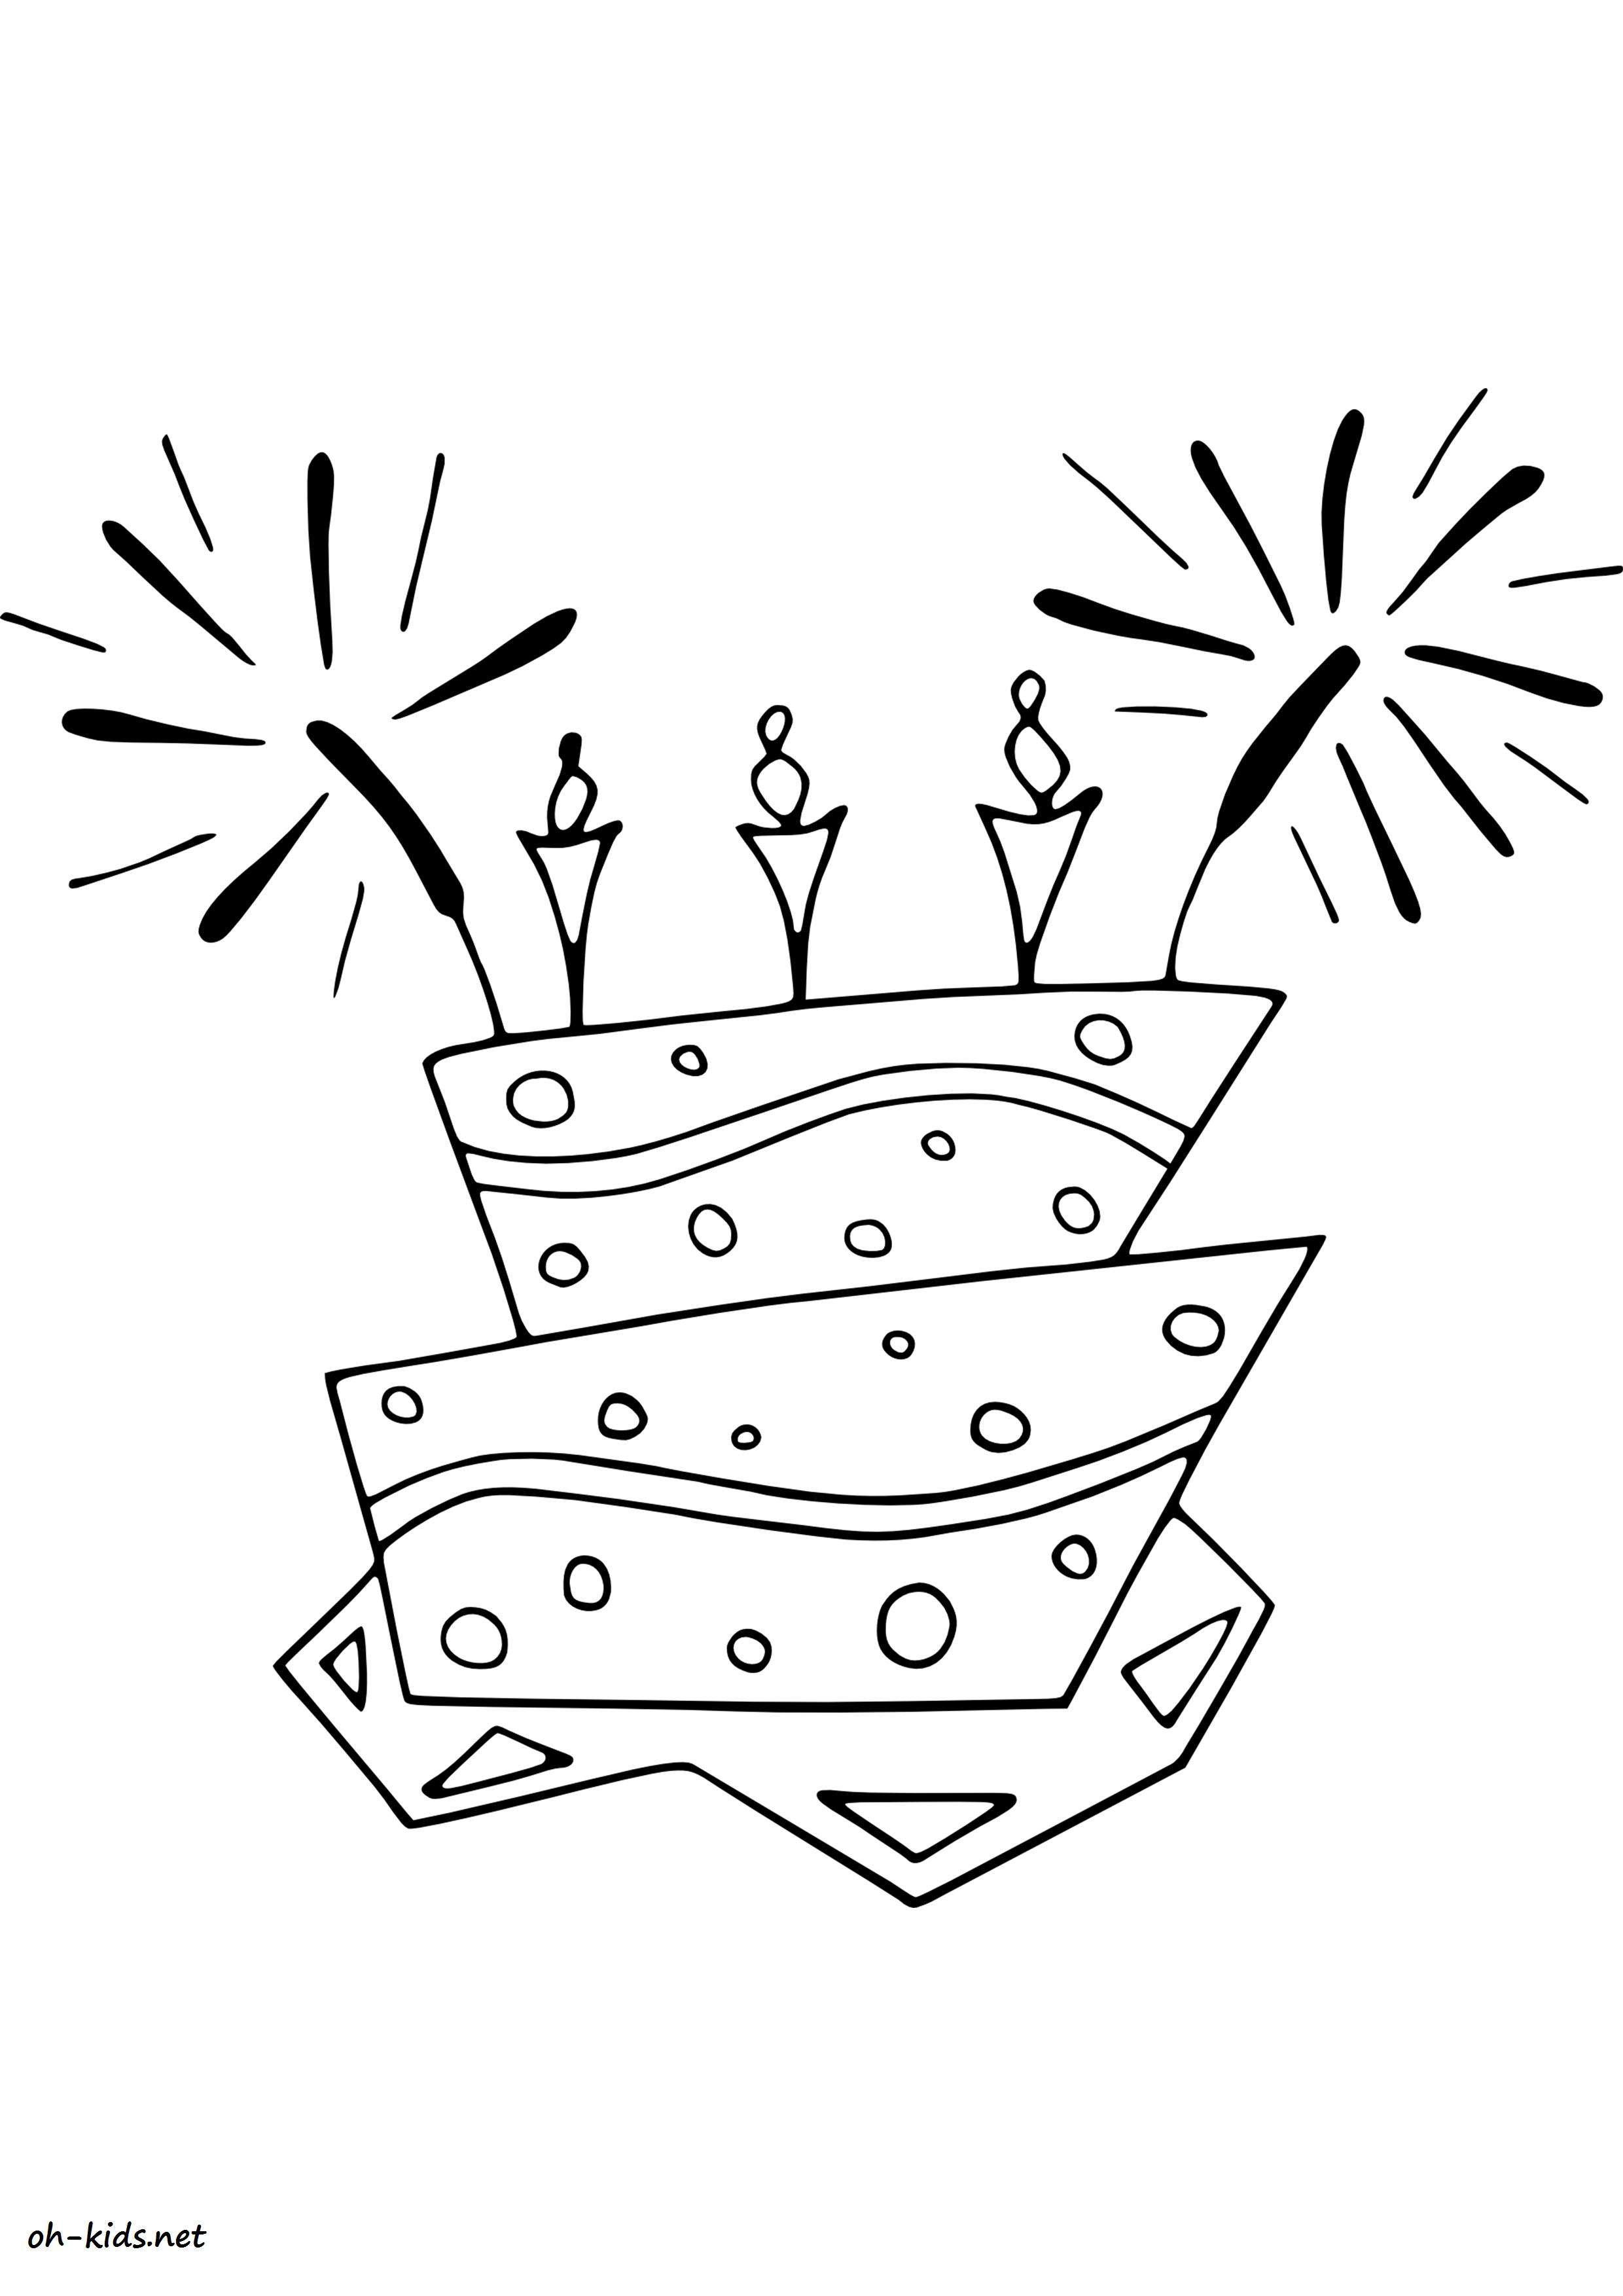 dessin de gâteau anniversaire - Dessin #1163